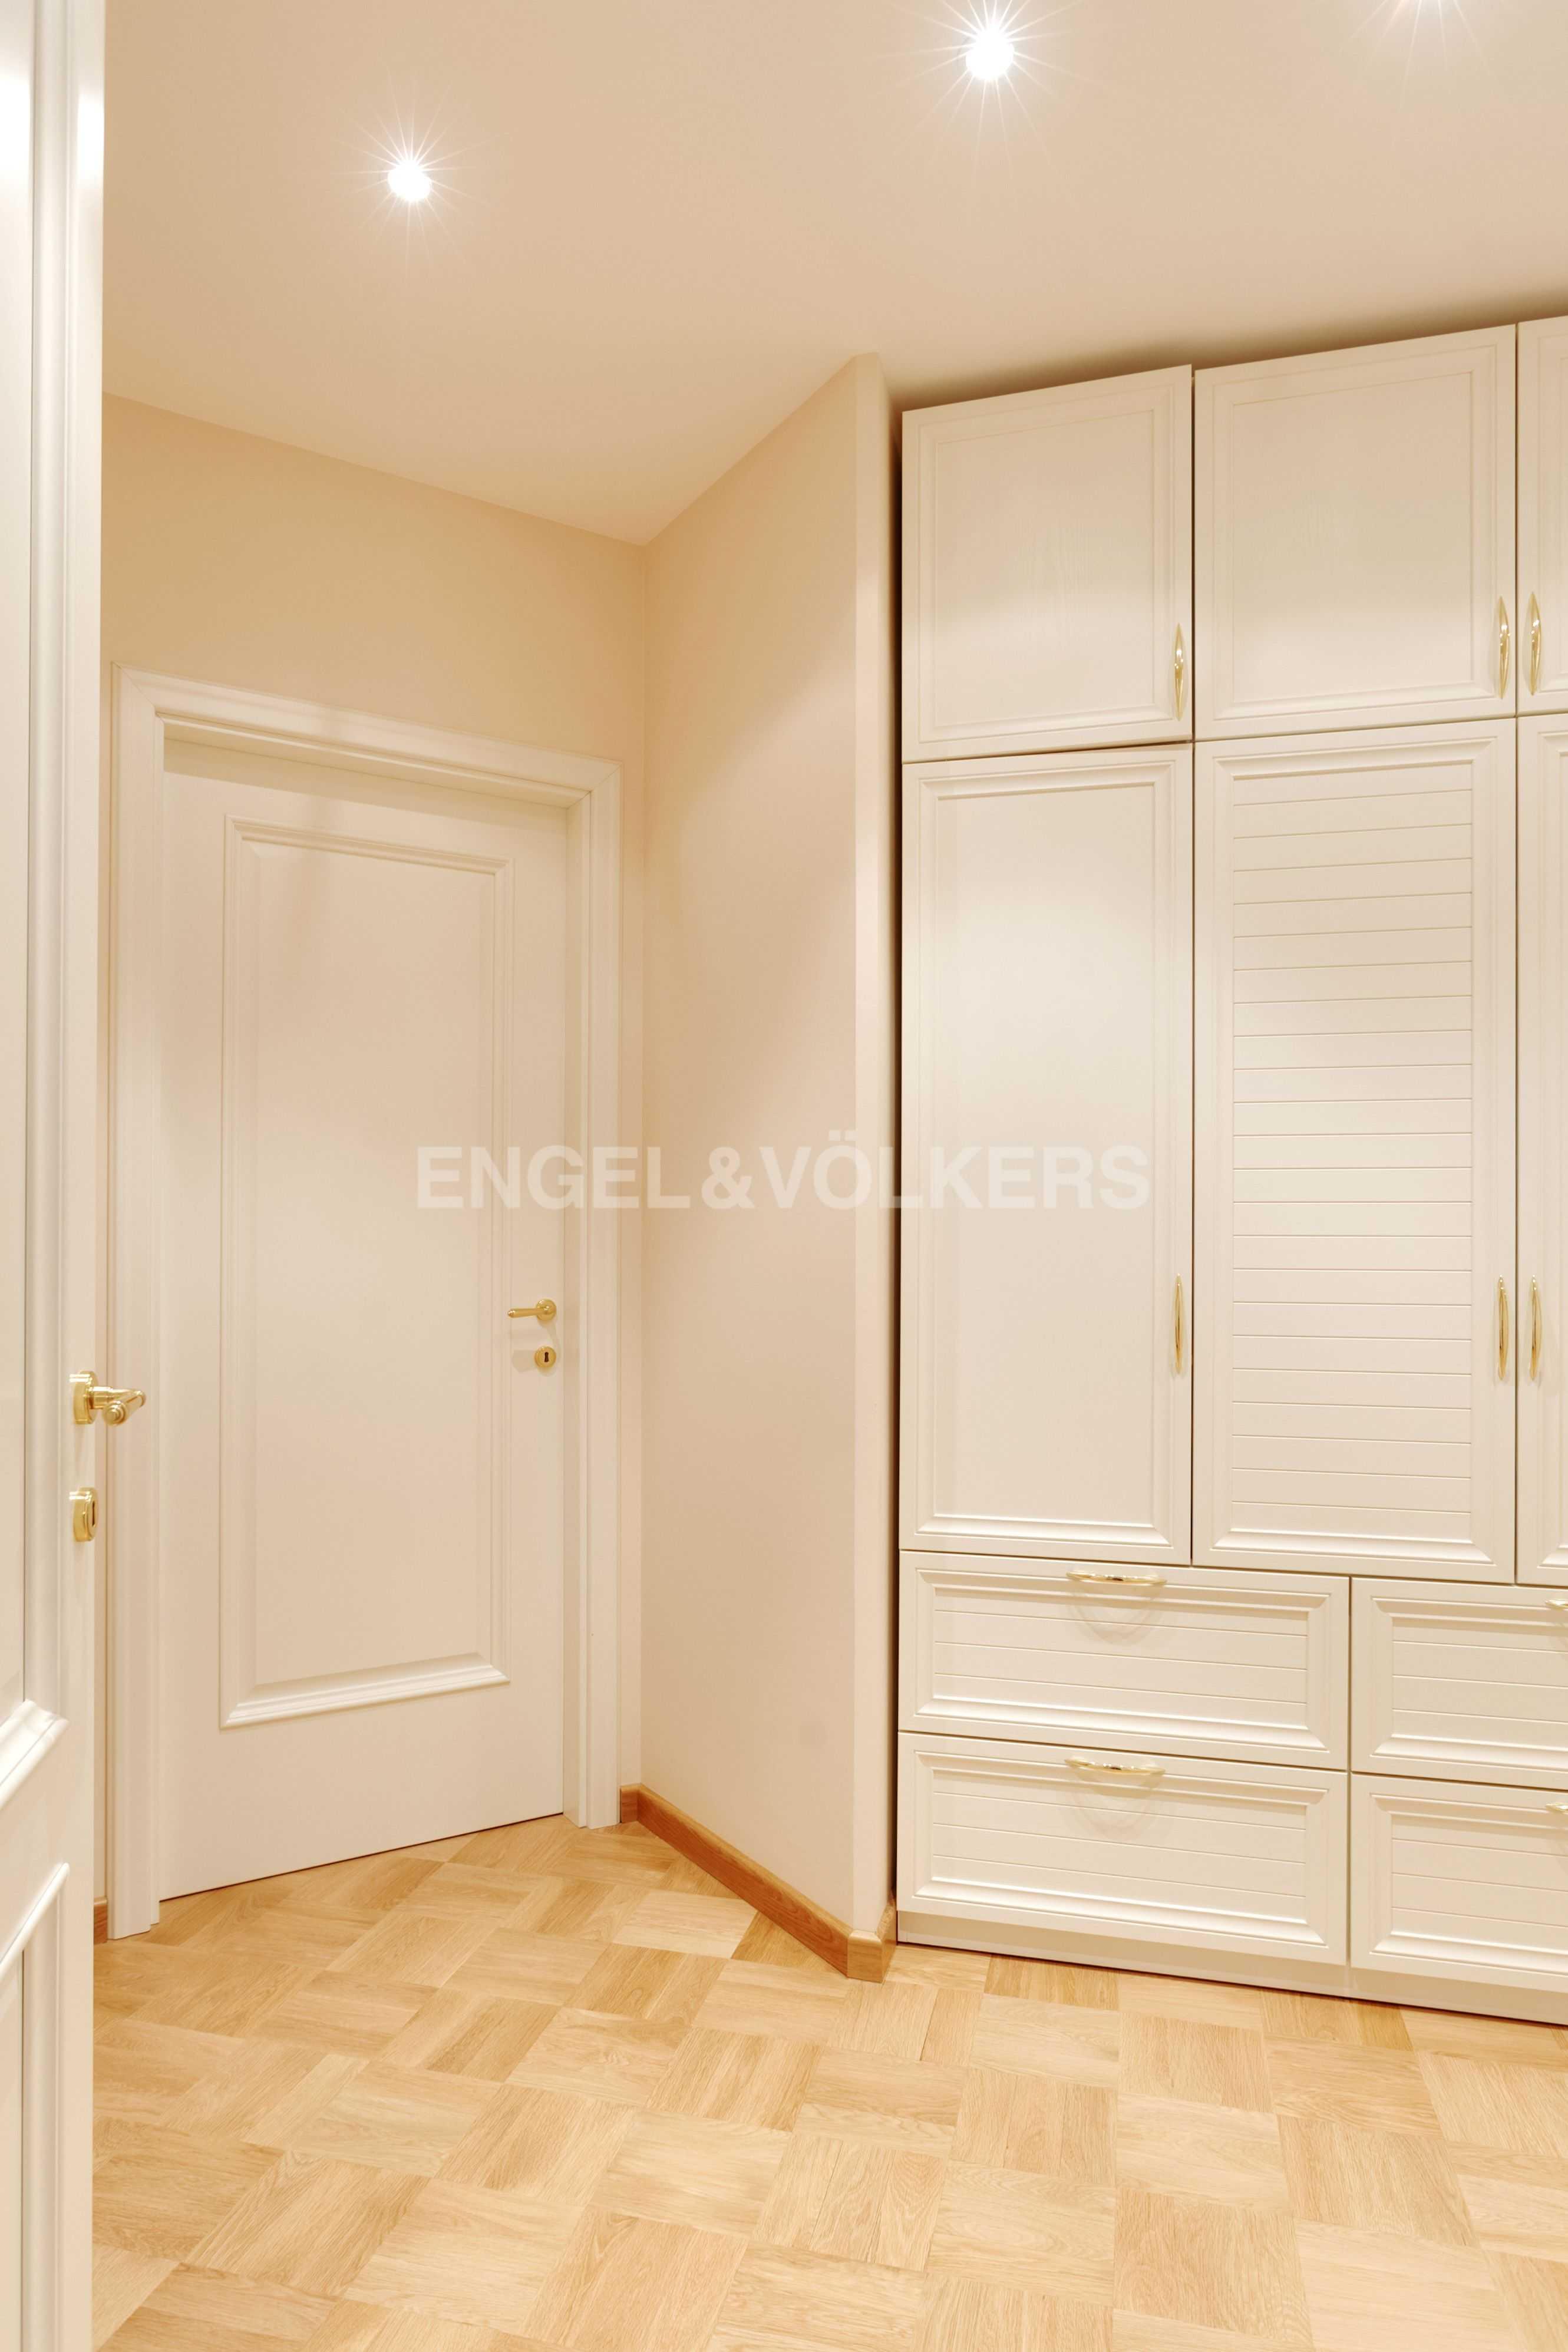 Холл со встроенными шкафами